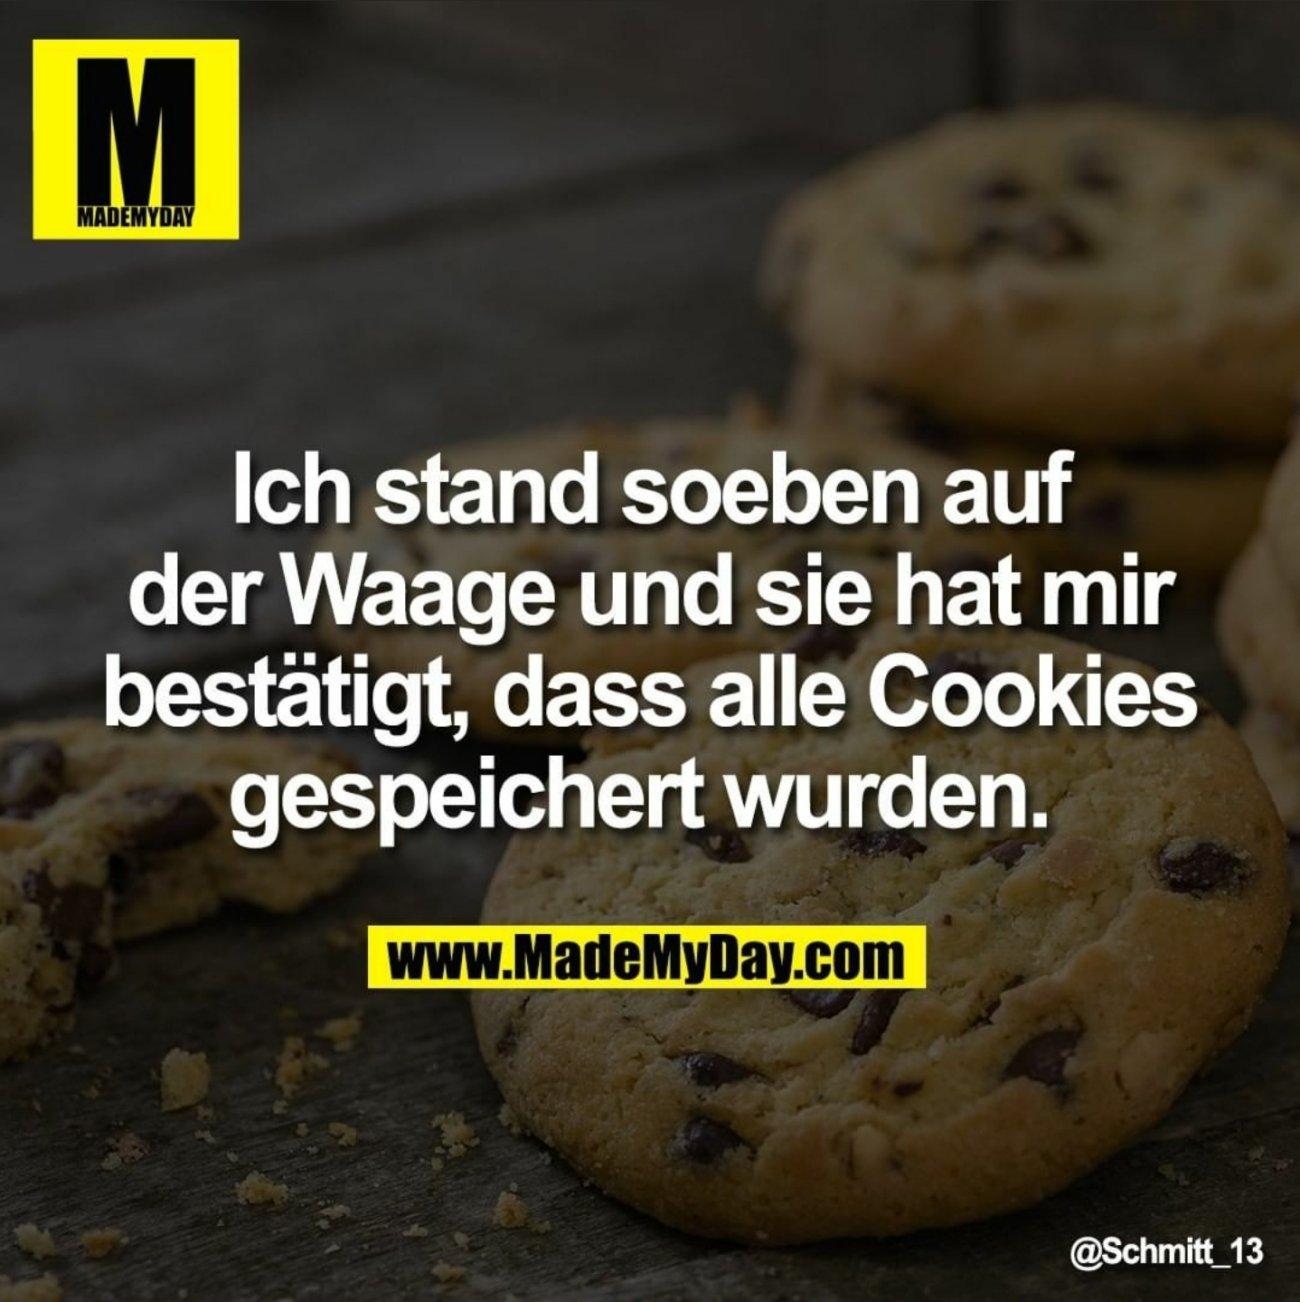 cookies_gespeichert.jpg